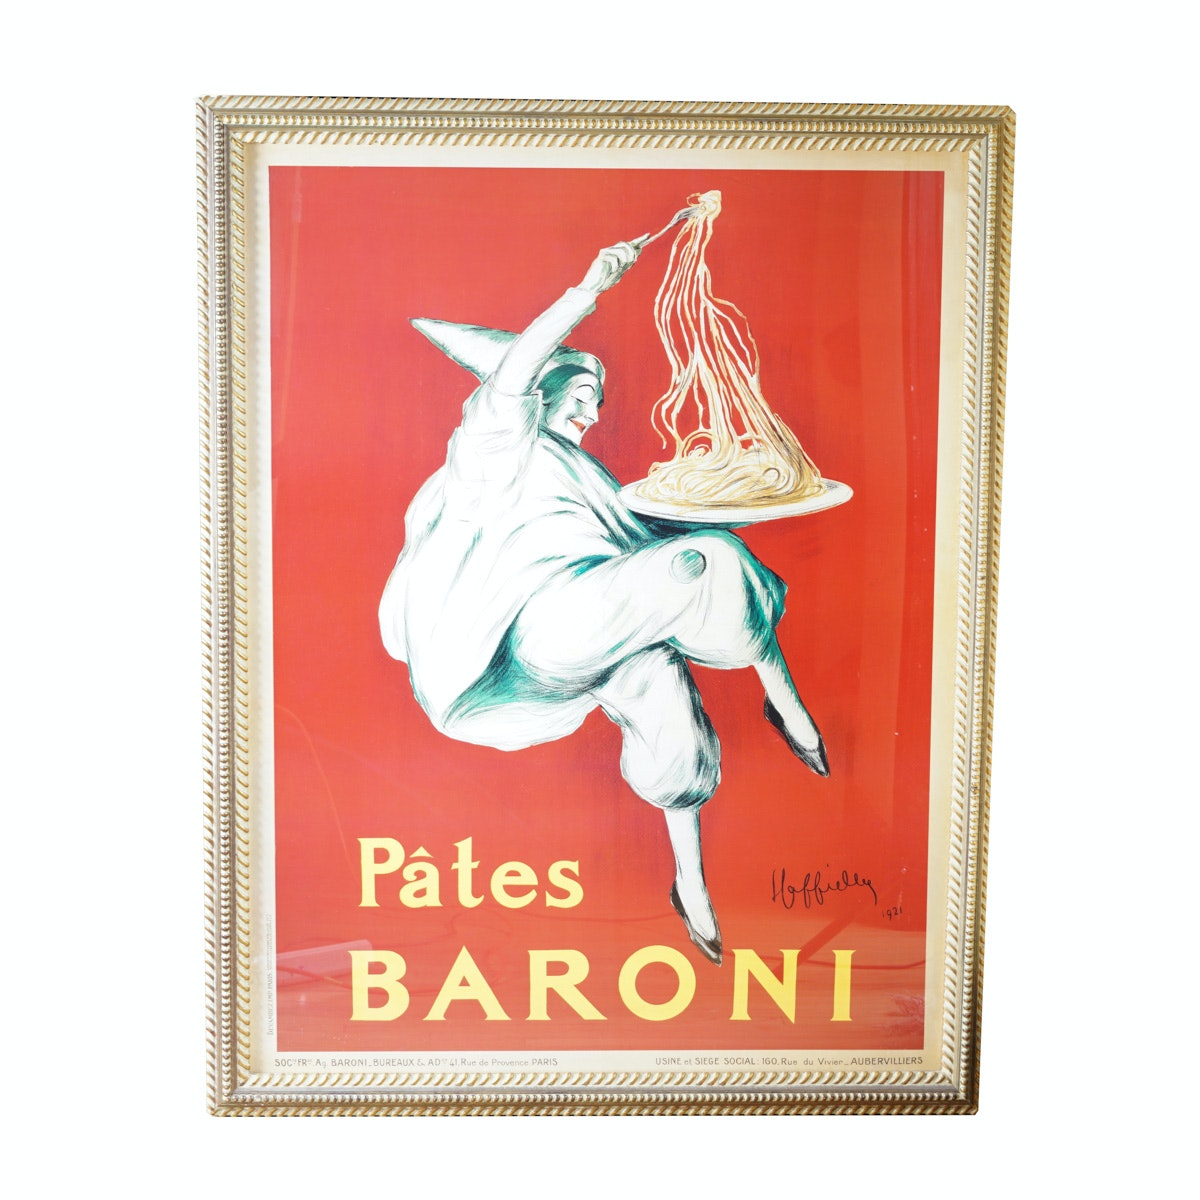 """""""Pâtes Baroni,"""" by Leonetto Cappiello Large Offset Lithograph"""